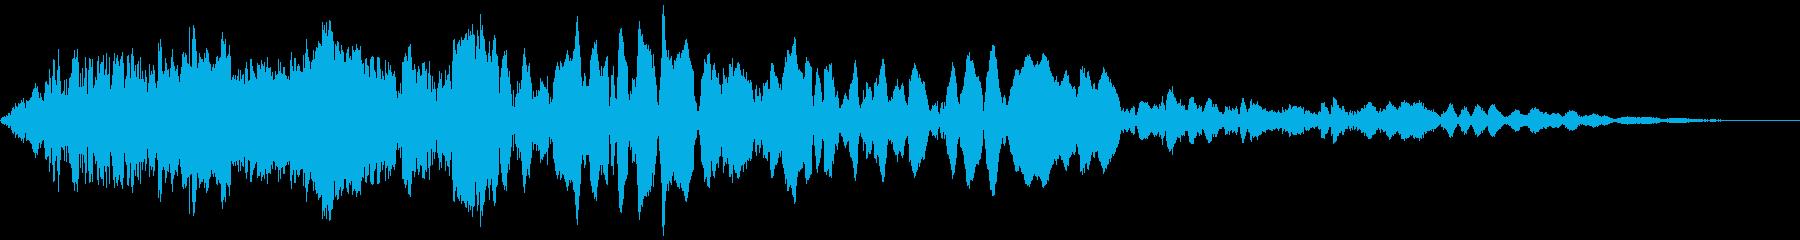 車 レース ブレーキ/タイヤスキール音5の再生済みの波形